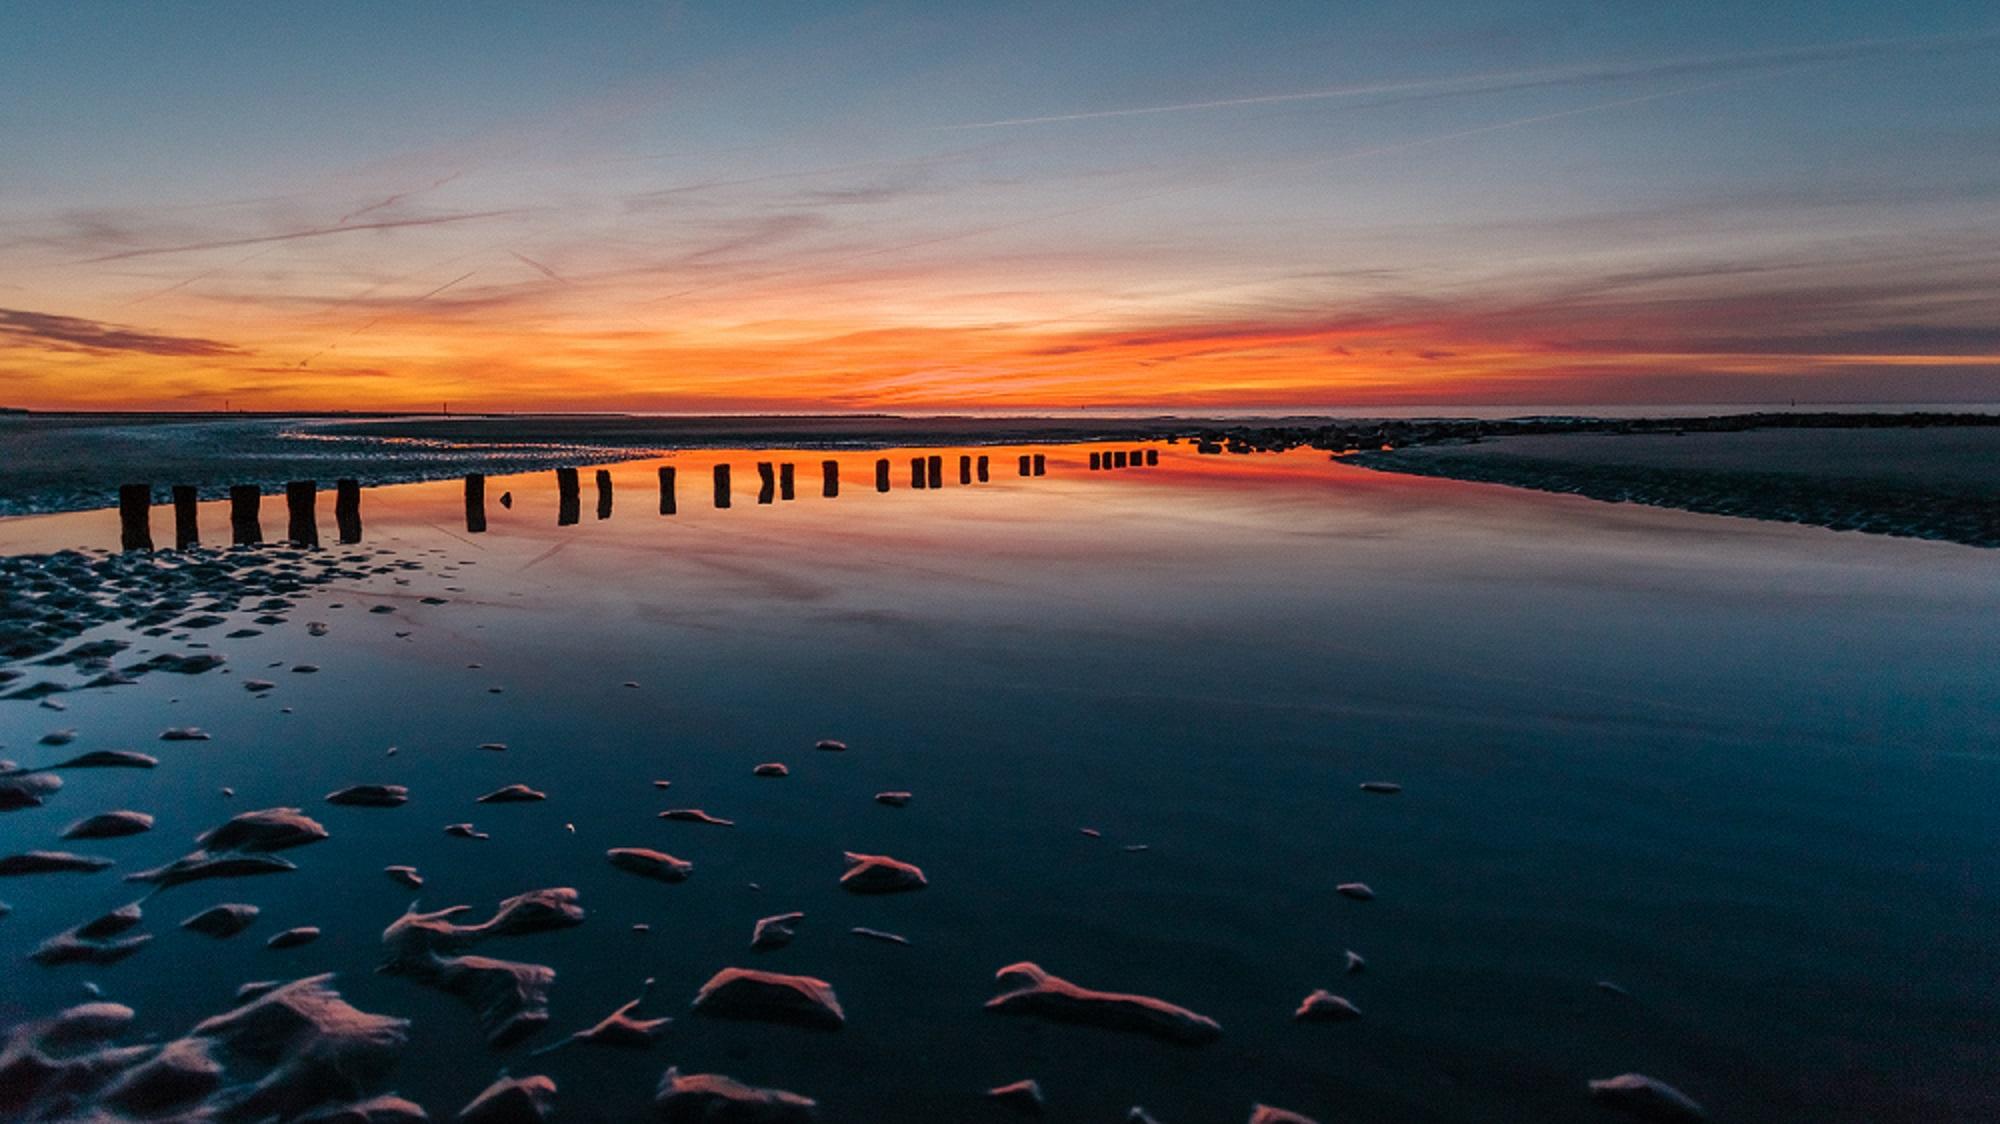 Niedersachsen: Sonnenuntergang spiegelt sich im Wasser eines Priels vor Norderney TM Niedersachsen GmbH Janis Meyer